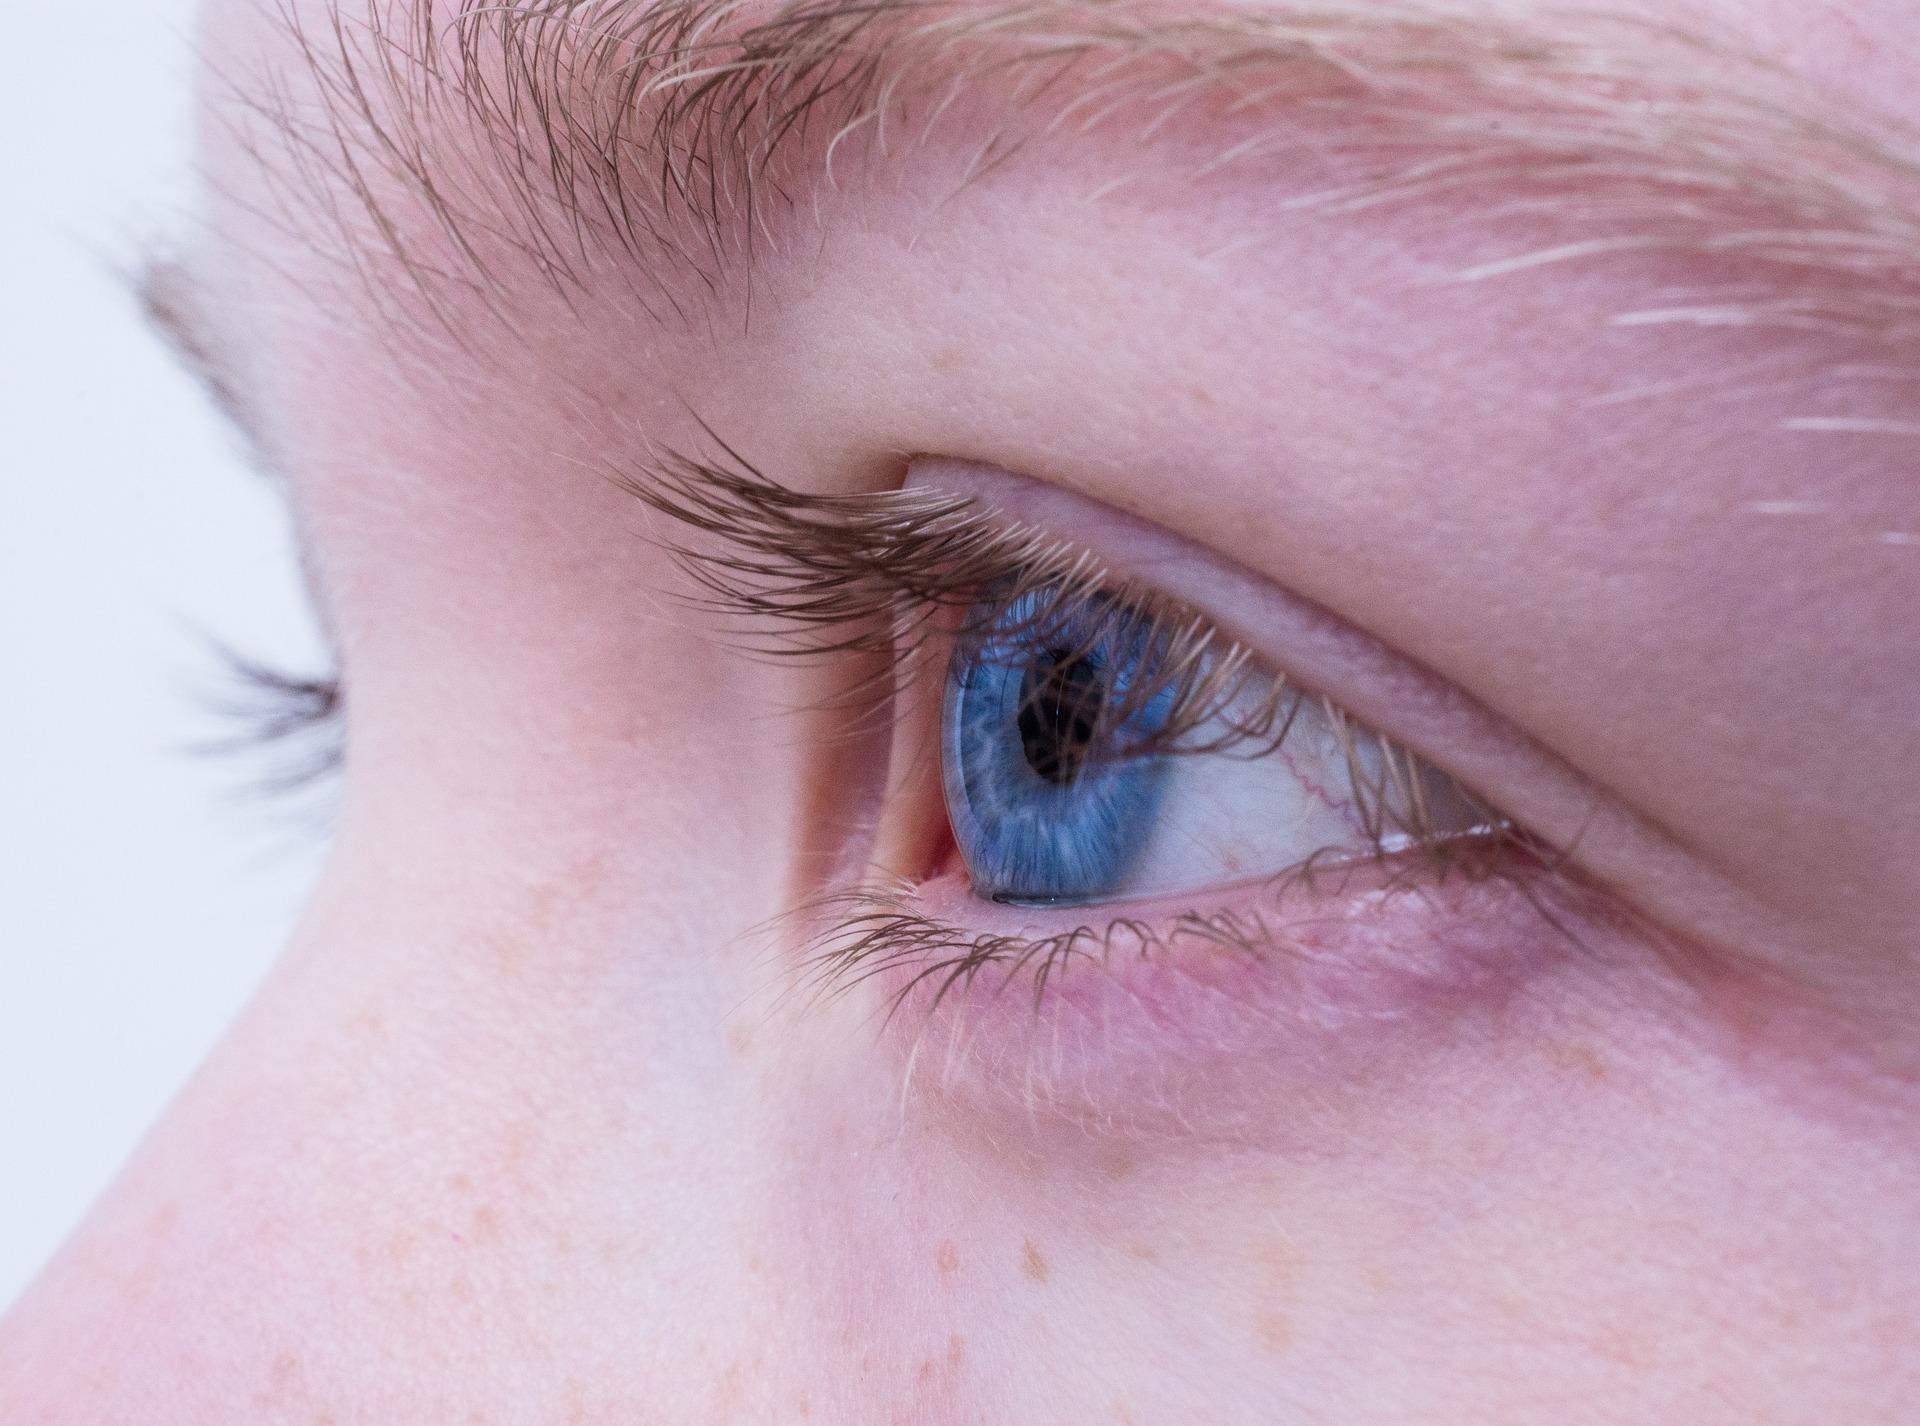 Ярославский офтальмолог рассказала, как сохранить зрение в эпоху планшетов и смартфонов